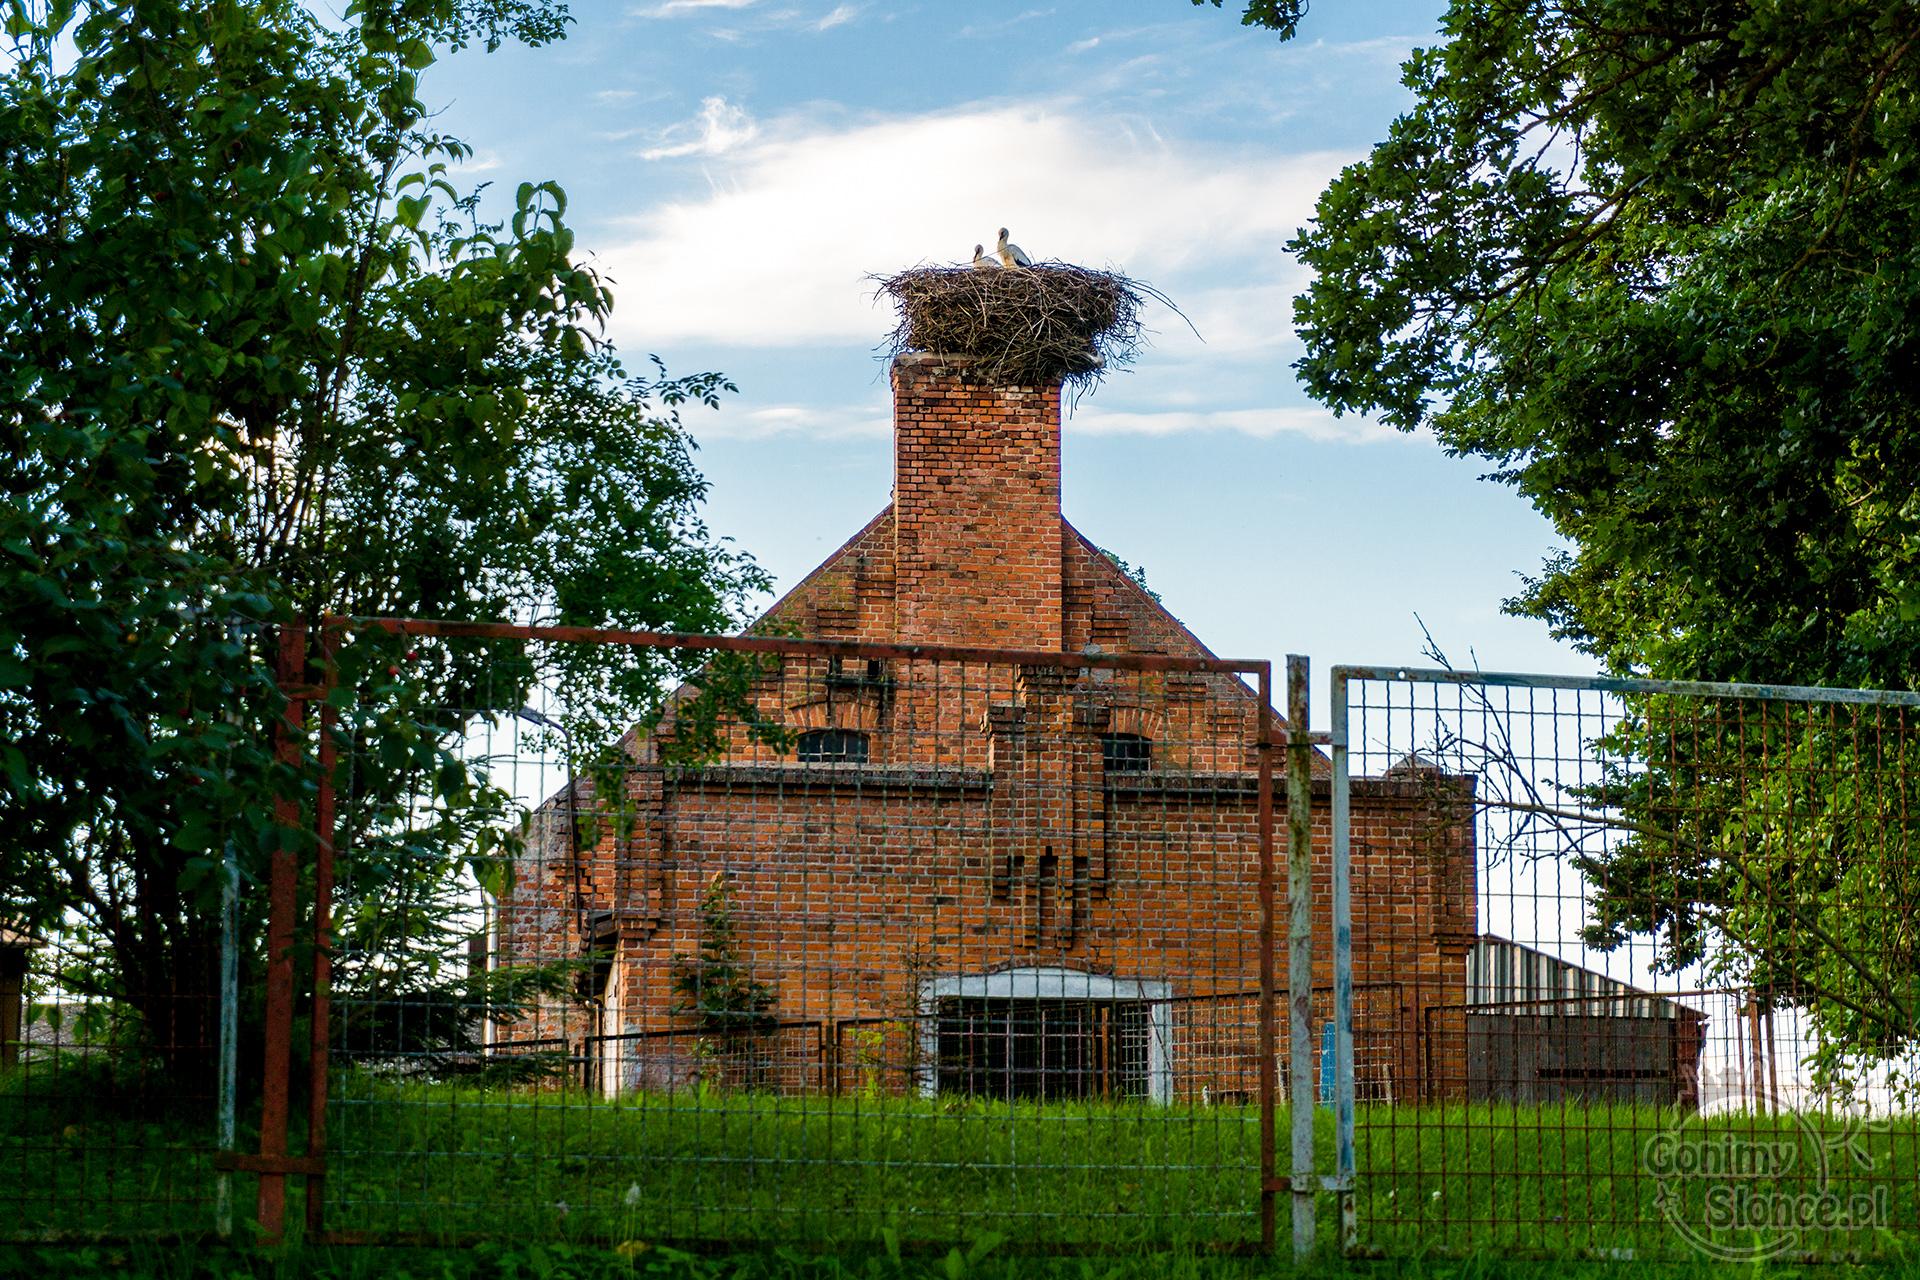 Bociany i budynek z twarzą, Polska